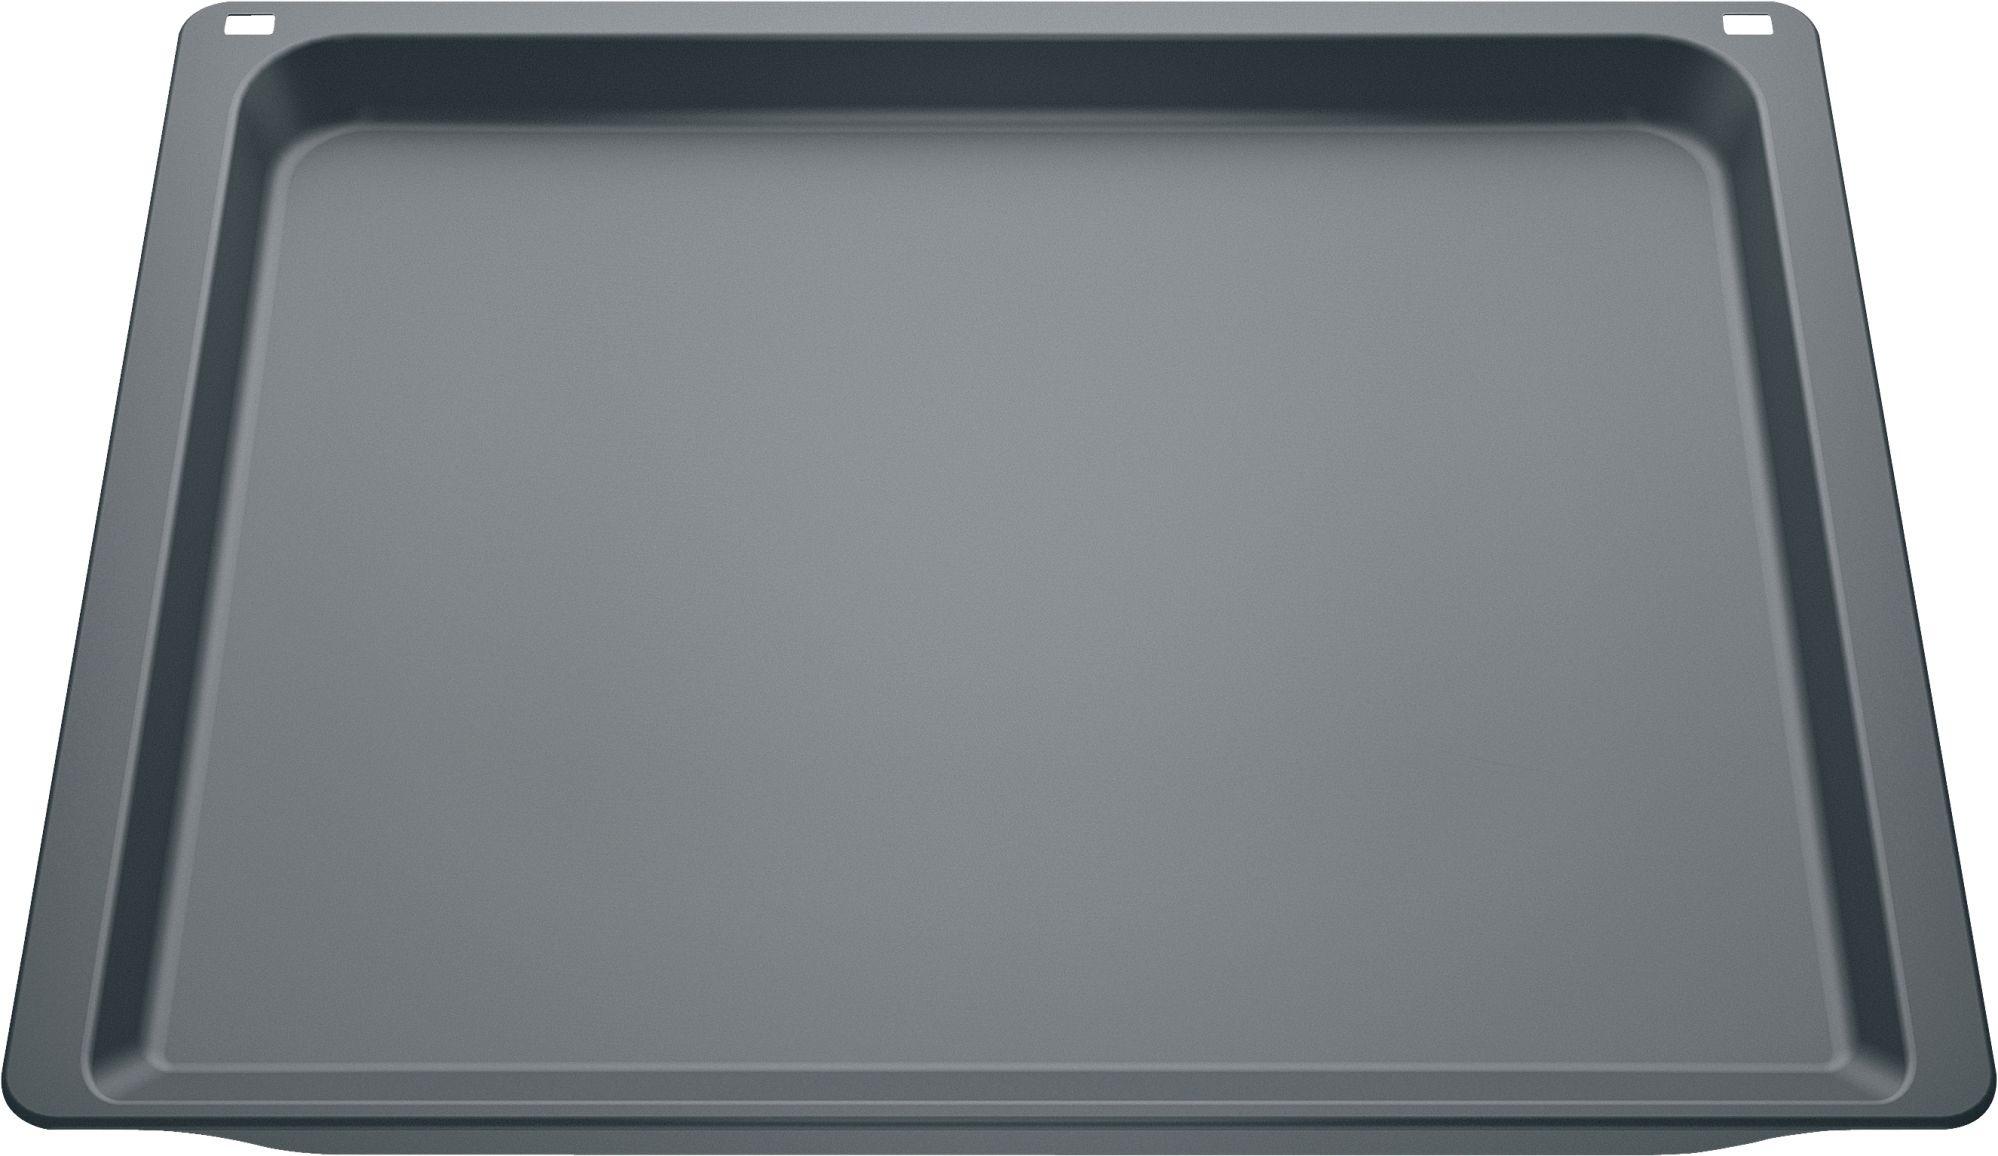 teamsix bvt 5664 n edelstahl neff forni. Black Bedroom Furniture Sets. Home Design Ideas